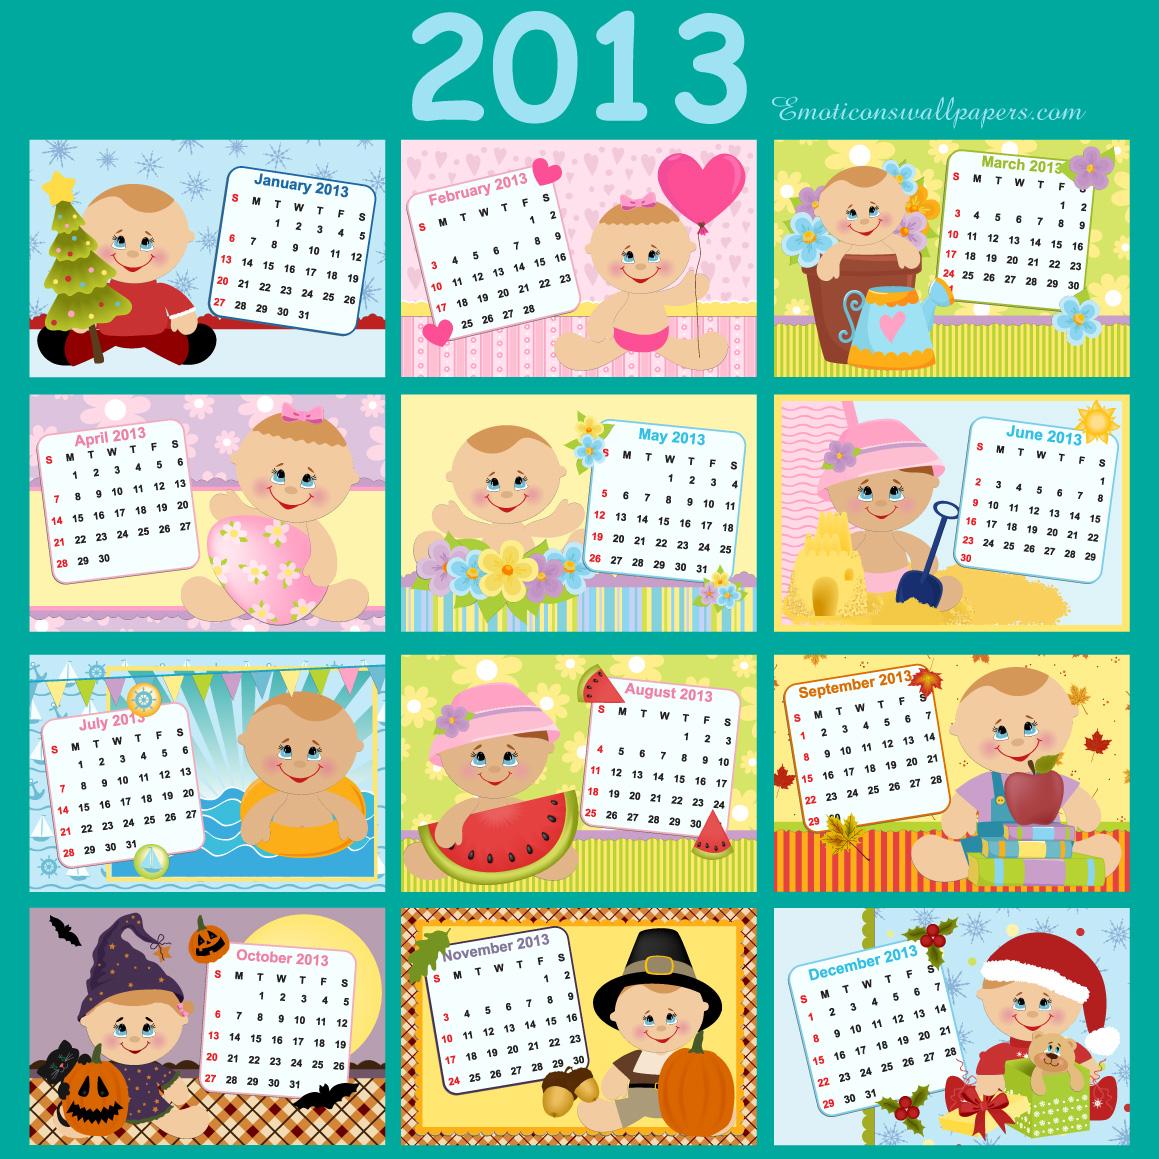 Calendar 2013 Wallpapers 1 Wallpapers Desktop Wallpapers 1159x1159